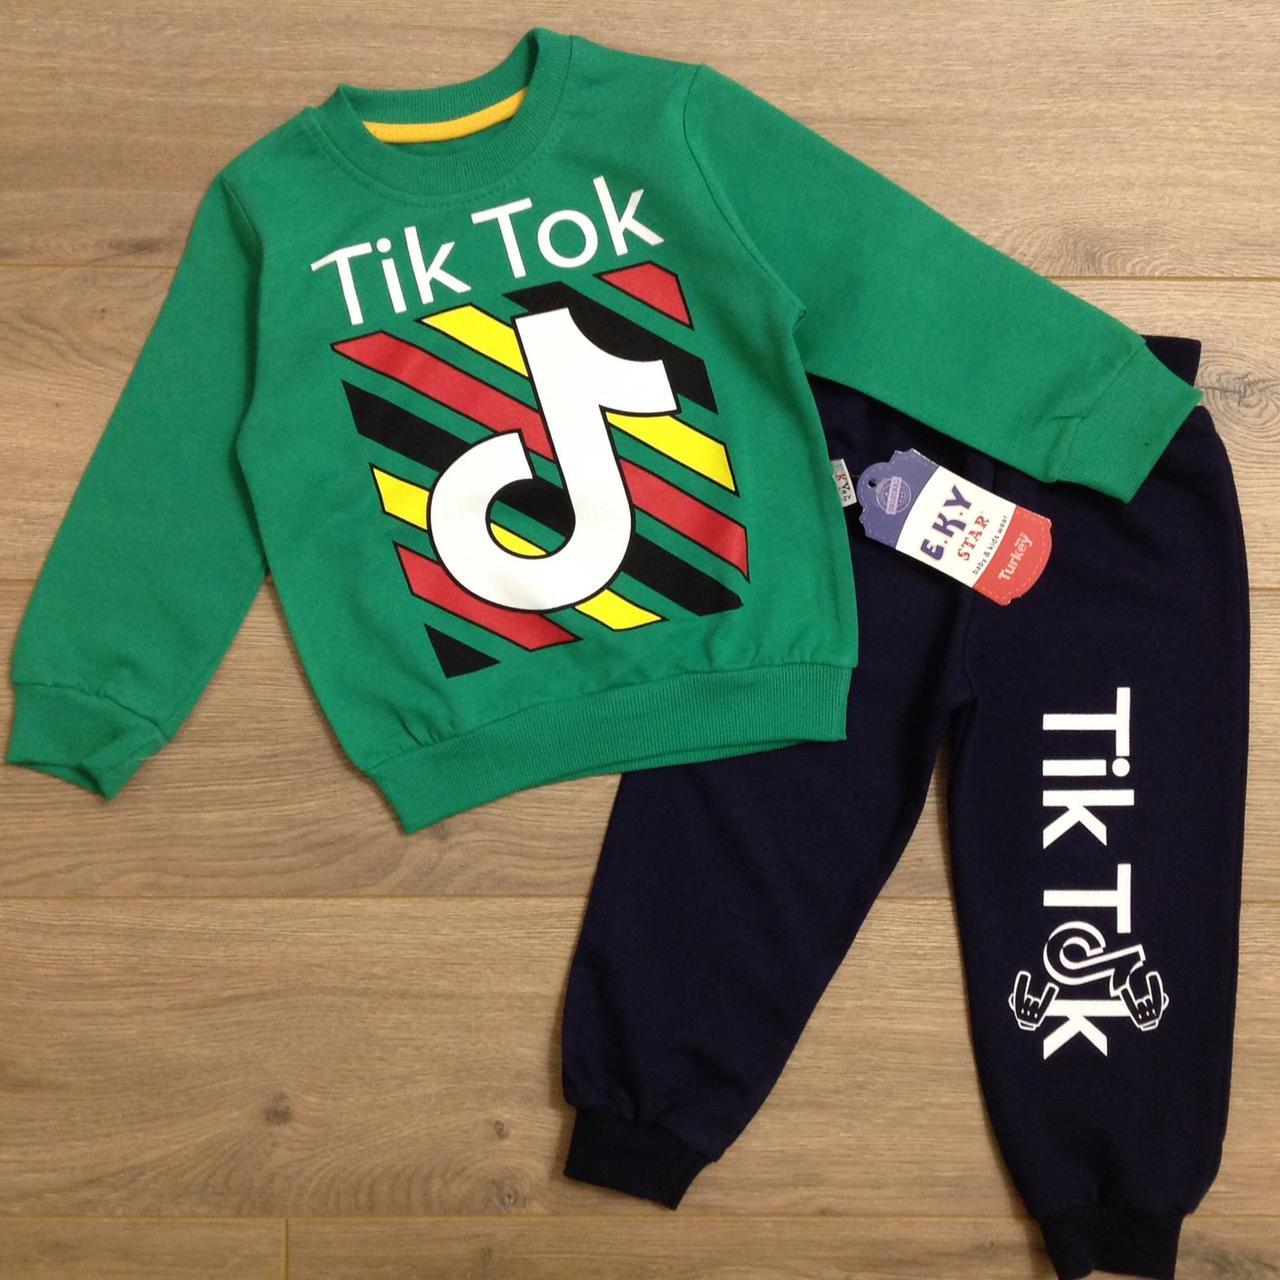 """Спортивный костюм модный """"Tik Tok"""". Размеры 2-5 лет. Зеленый с синим. Оптом"""